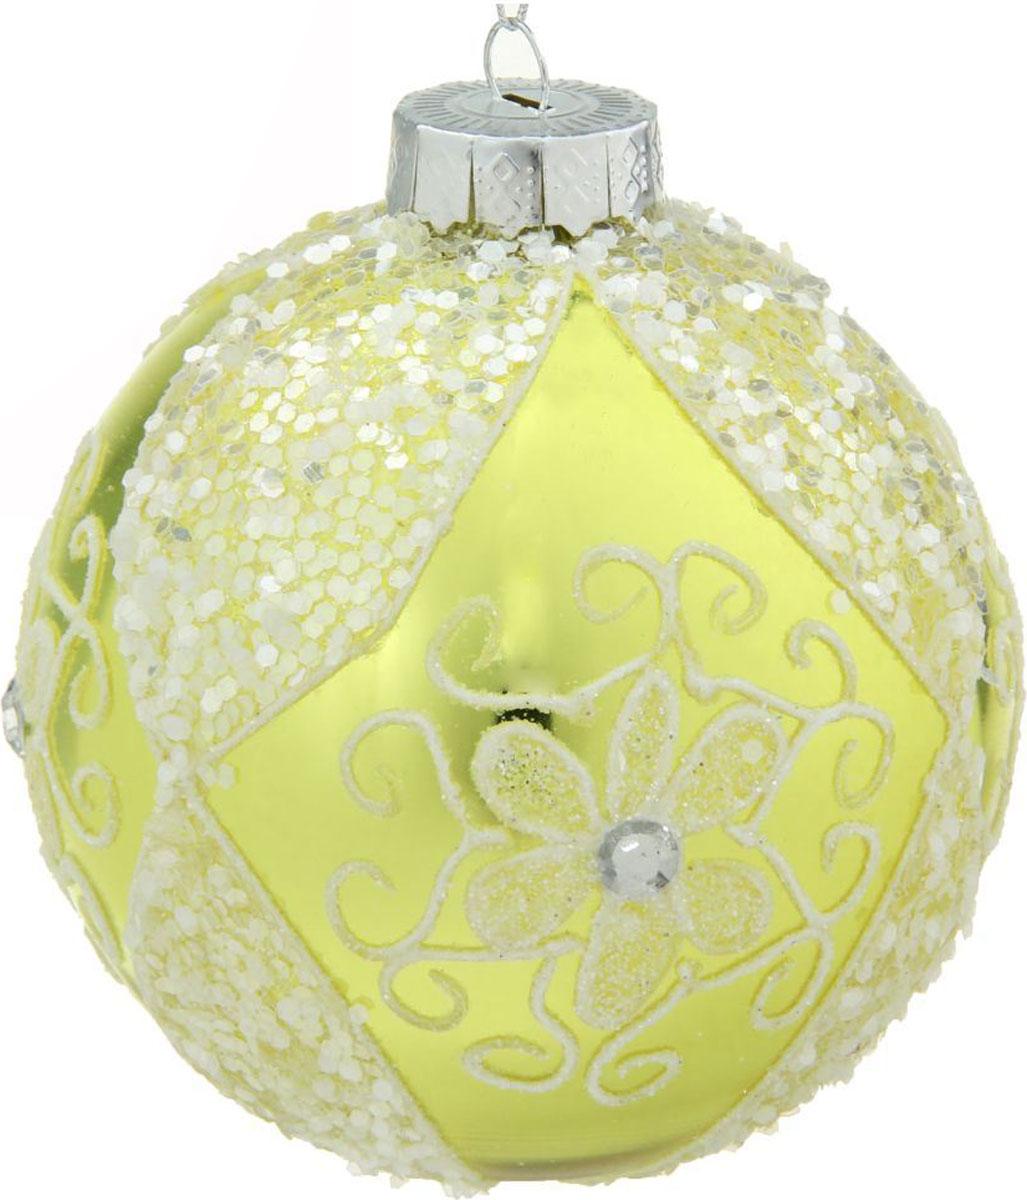 Новогоднее подвесное украшение Sima-land Цветок узорный, диаметр 10 см новогоднее подвесное украшение собака ф21 1716